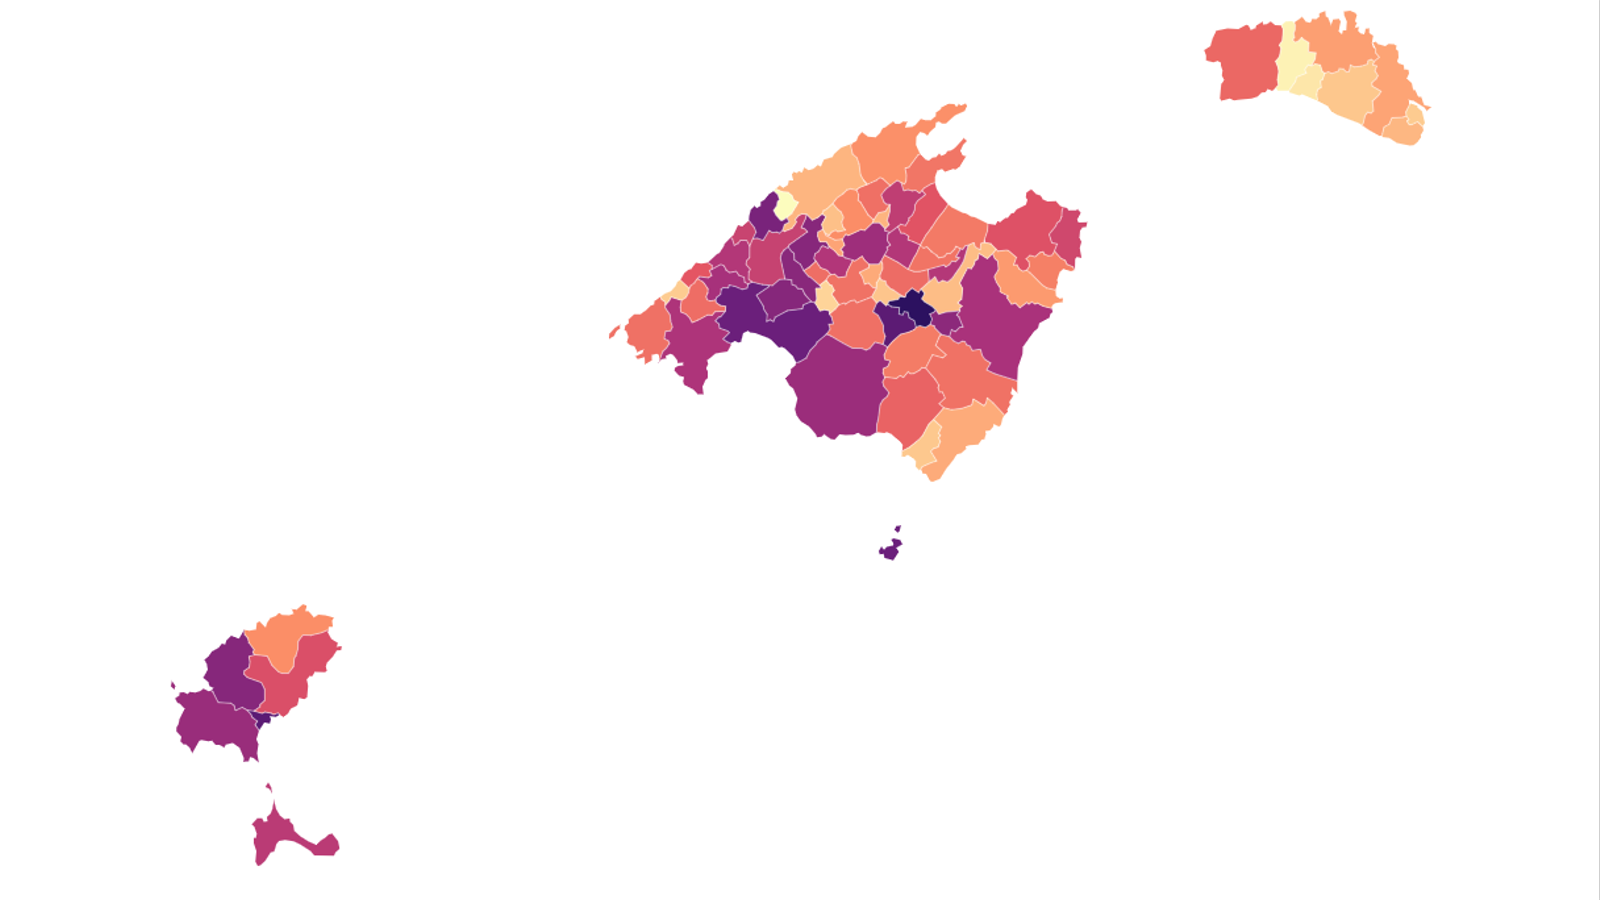 La incidència del covid-19 a les Balears, municipi per municipi